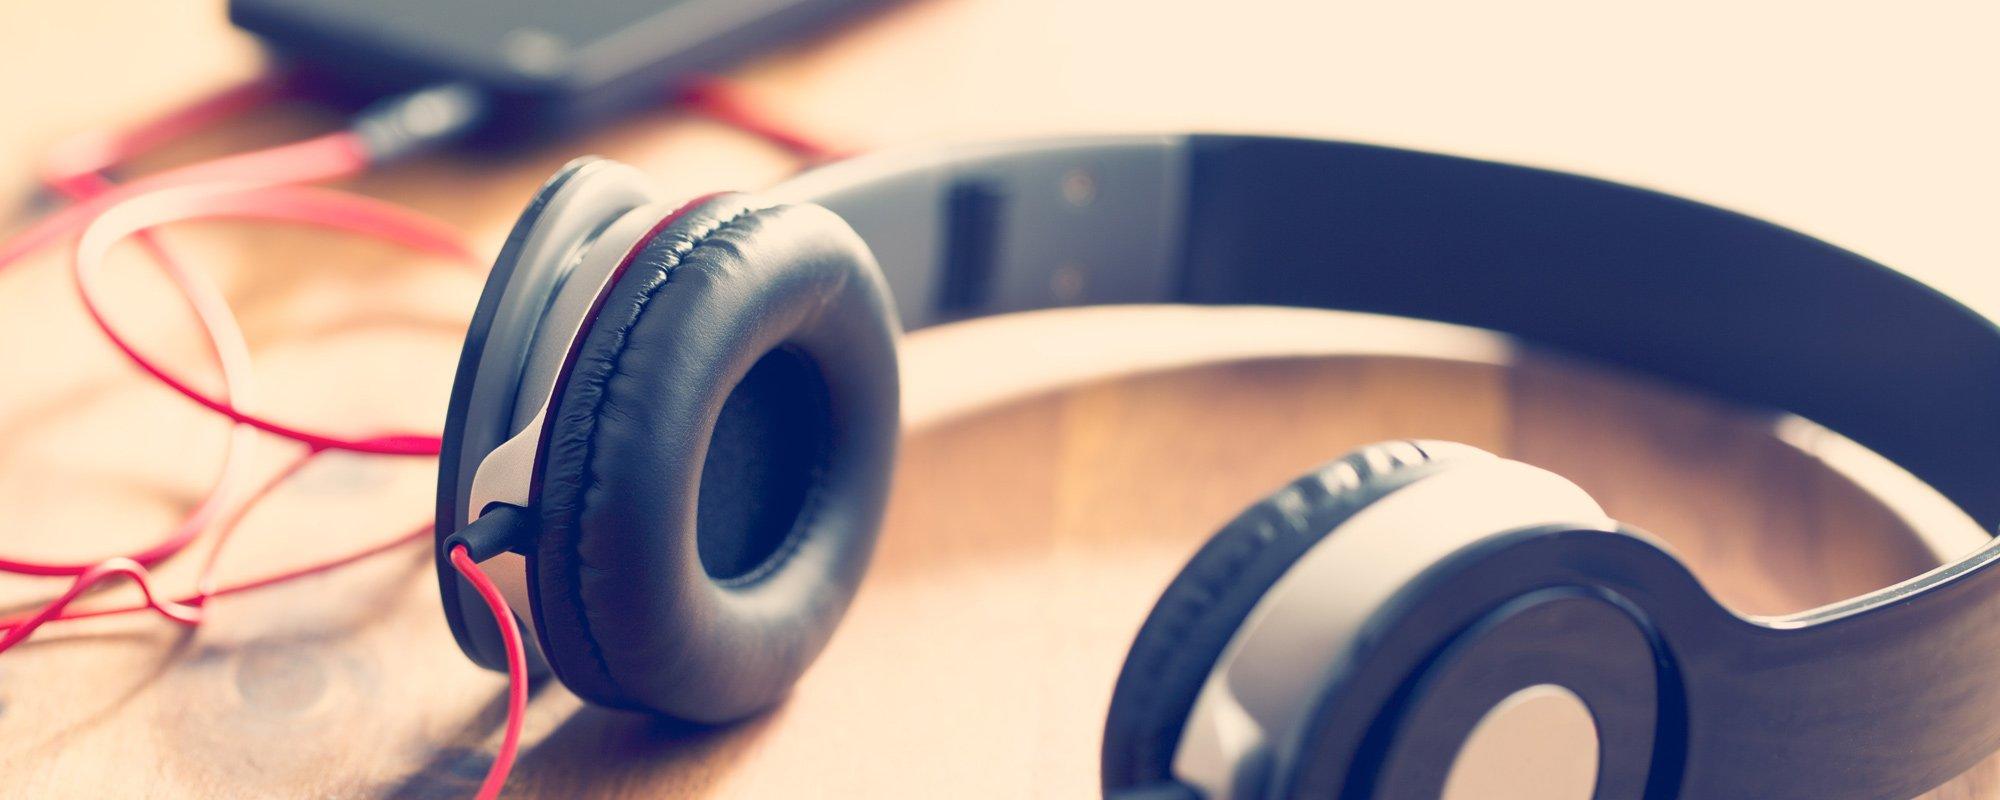 View of headphones